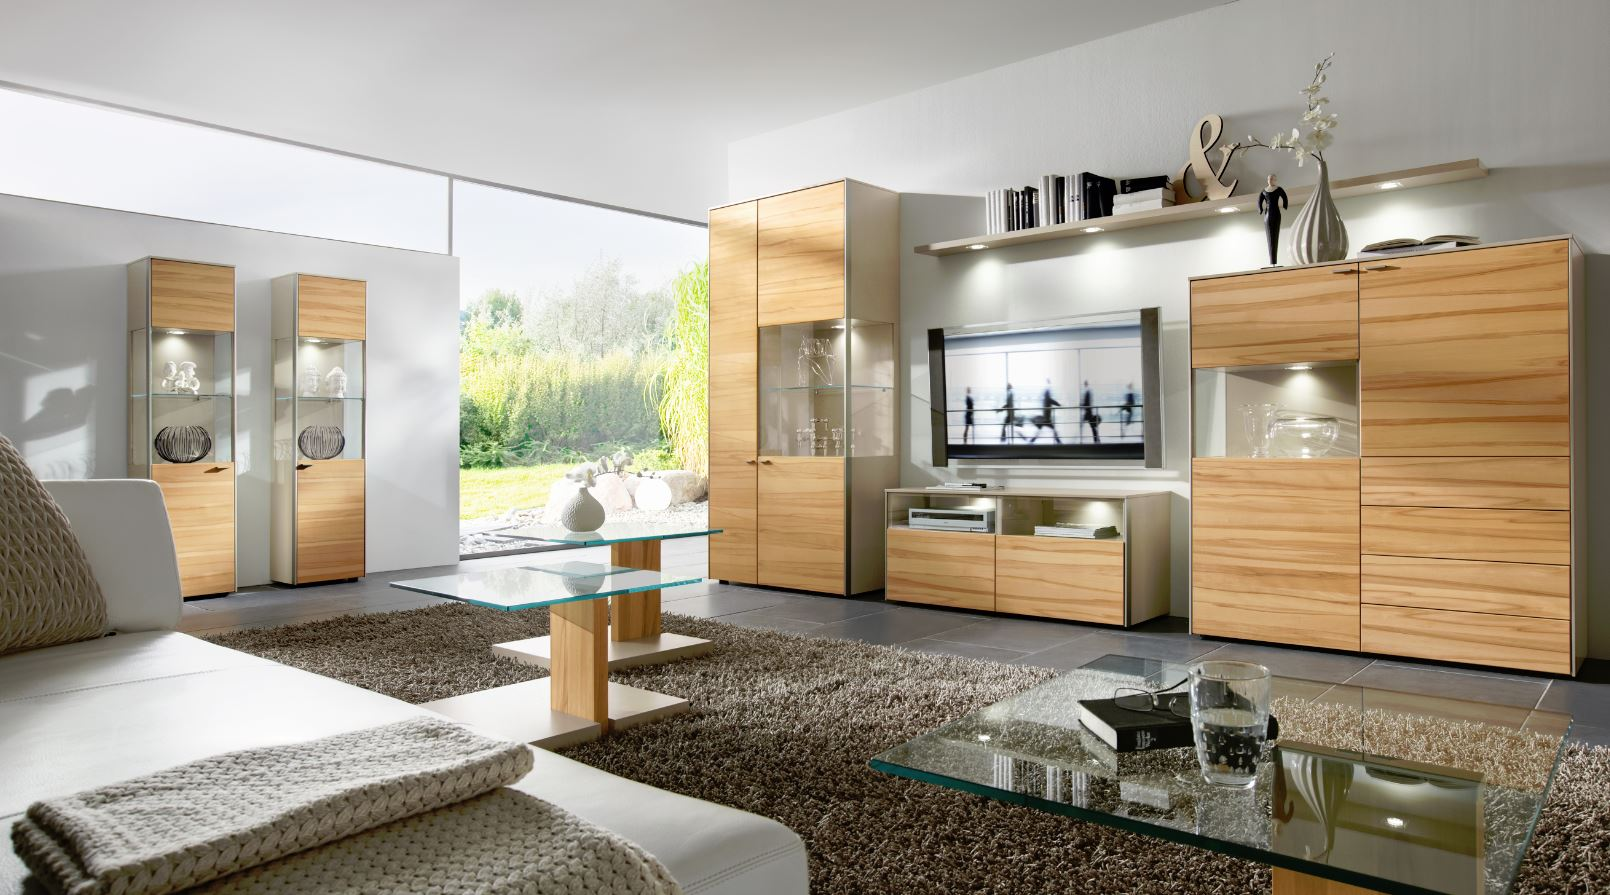 Wohnzimmer - Wohnzimmer nach Hersteller - günstig kaufen | Möbel ...